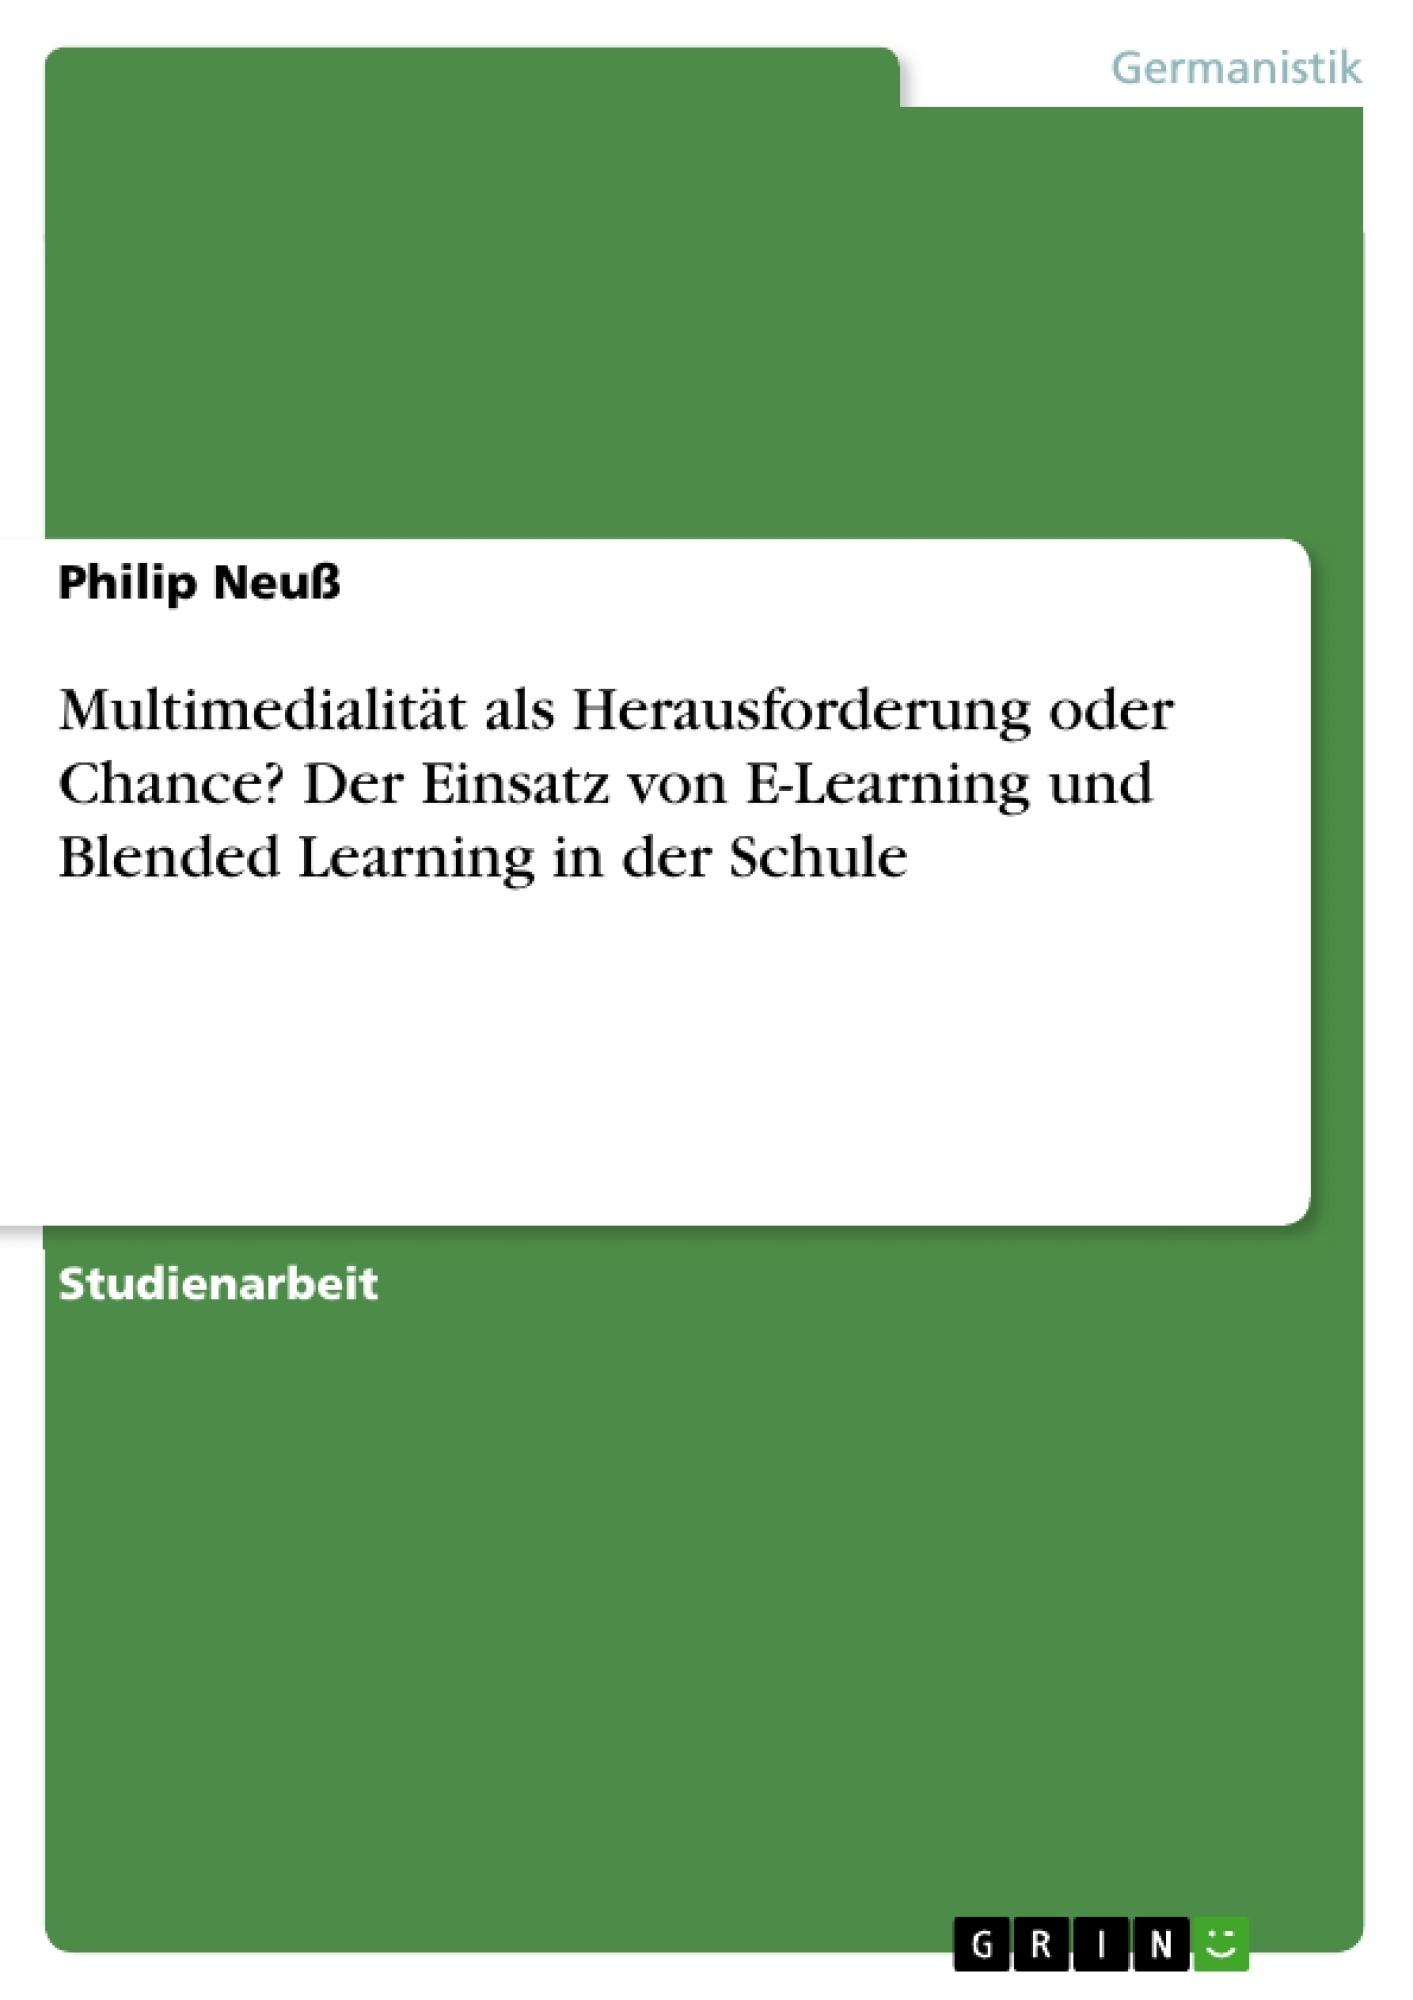 Titel: Multimedialität als Herausforderung oder Chance? Der Einsatz von E-Learning und Blended Learning in der Schule